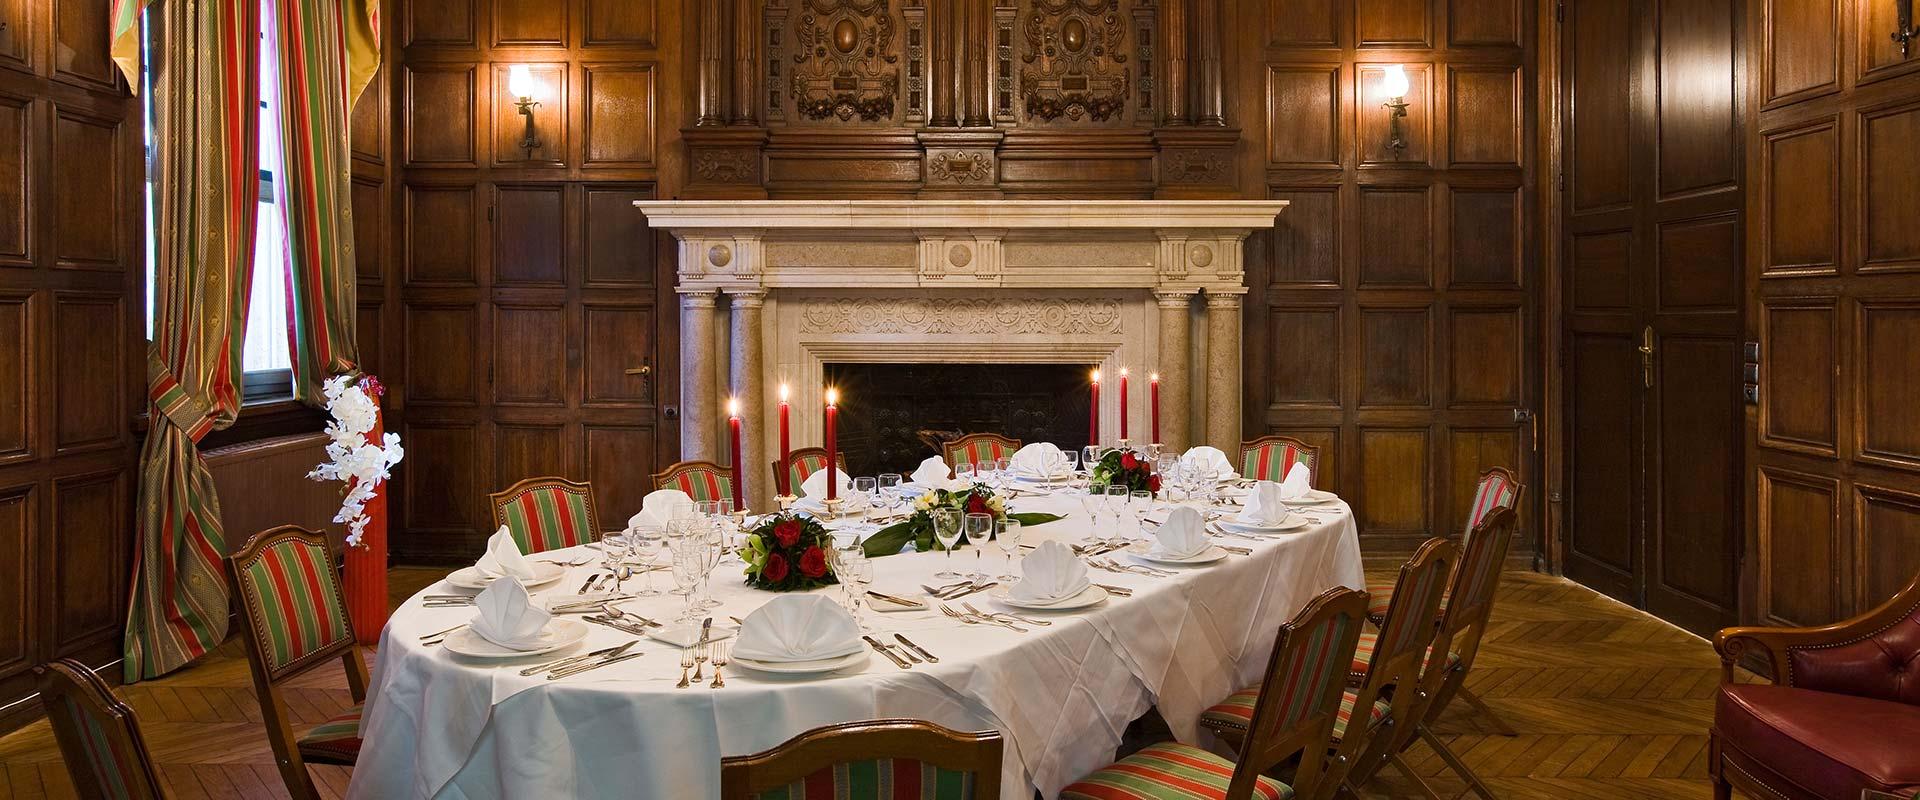 reception-chateau-hotel-2